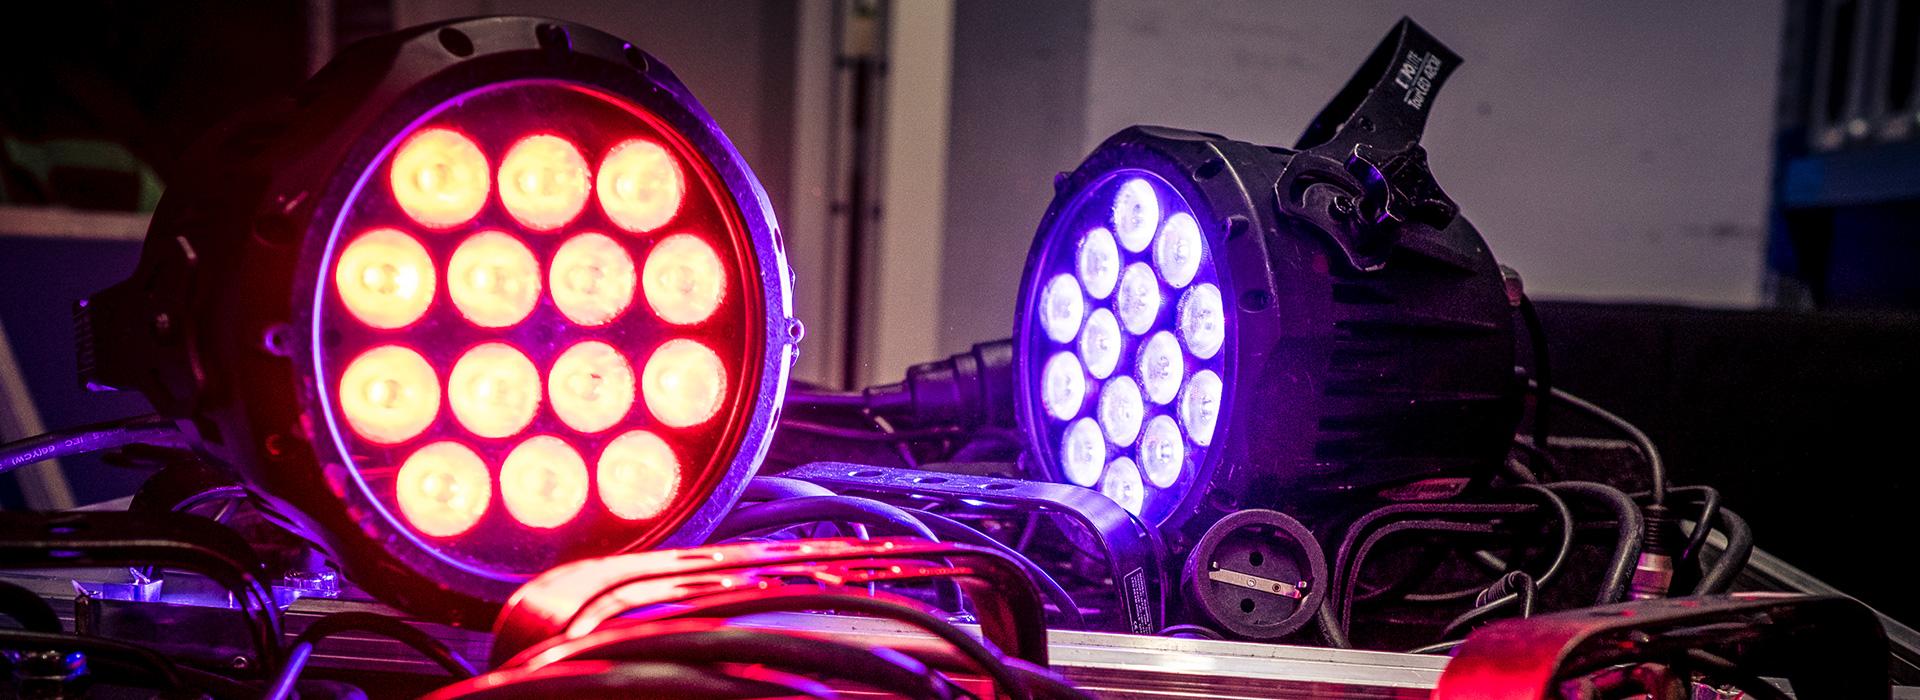 lichttechnik-004